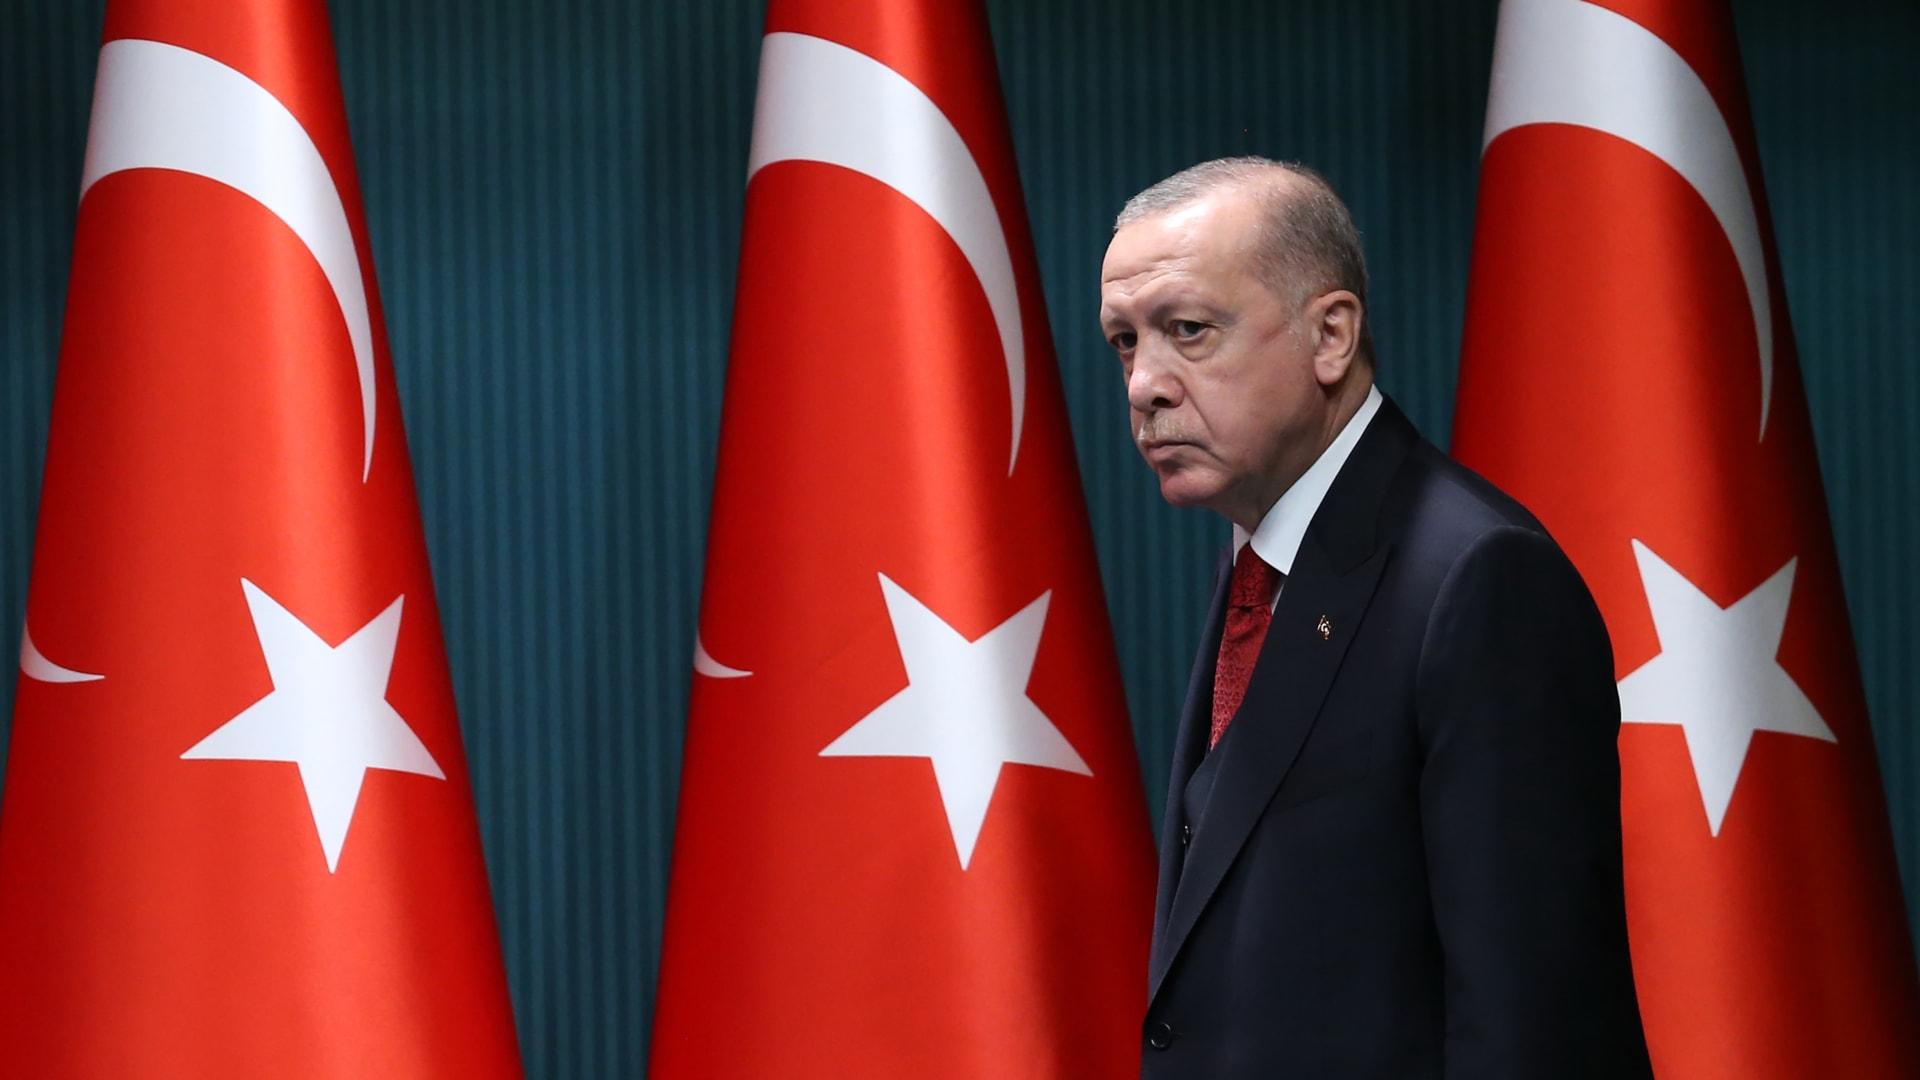 """مدير الاتصال بالرئاسة التركية يرد على أنباء عن """"مرض أردوغان"""" thumbnail"""